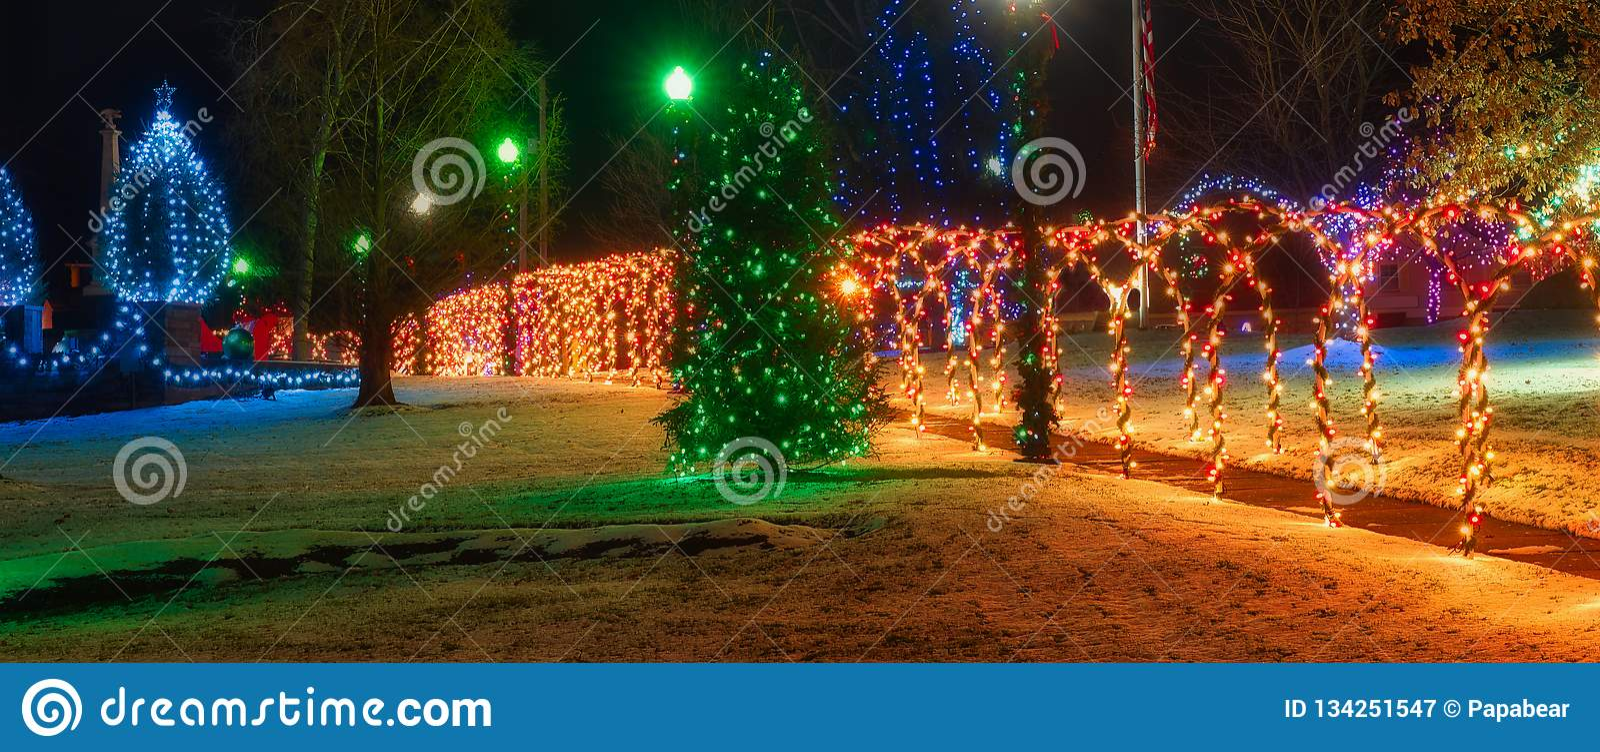 Kerstmis op het vierkant met aangestoken bogen